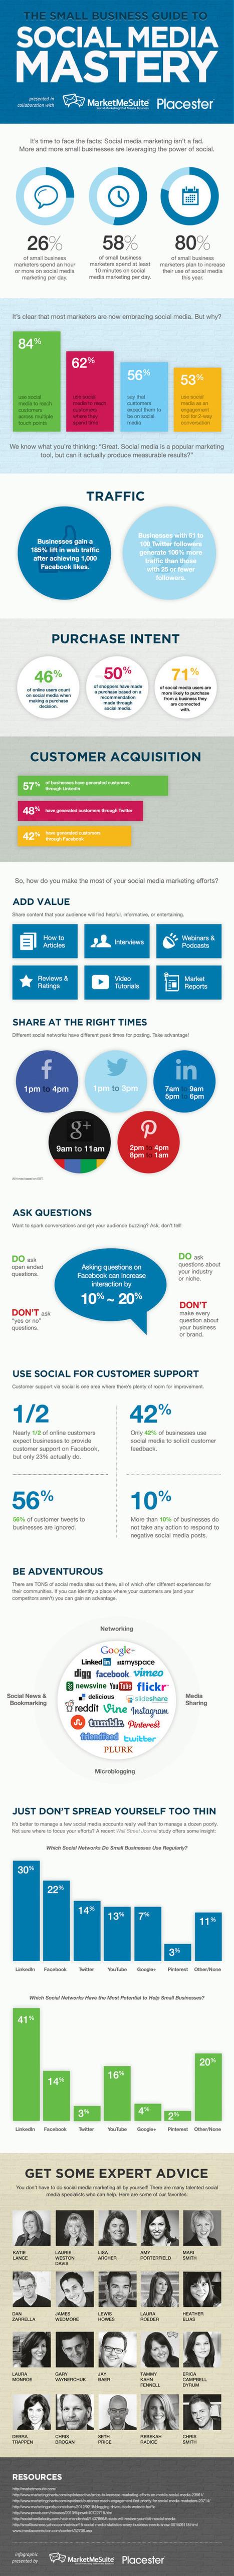 Le guide des réseaux sociaux pour les petites entreprises ! [Infographie] | Community Management | Scoop.it